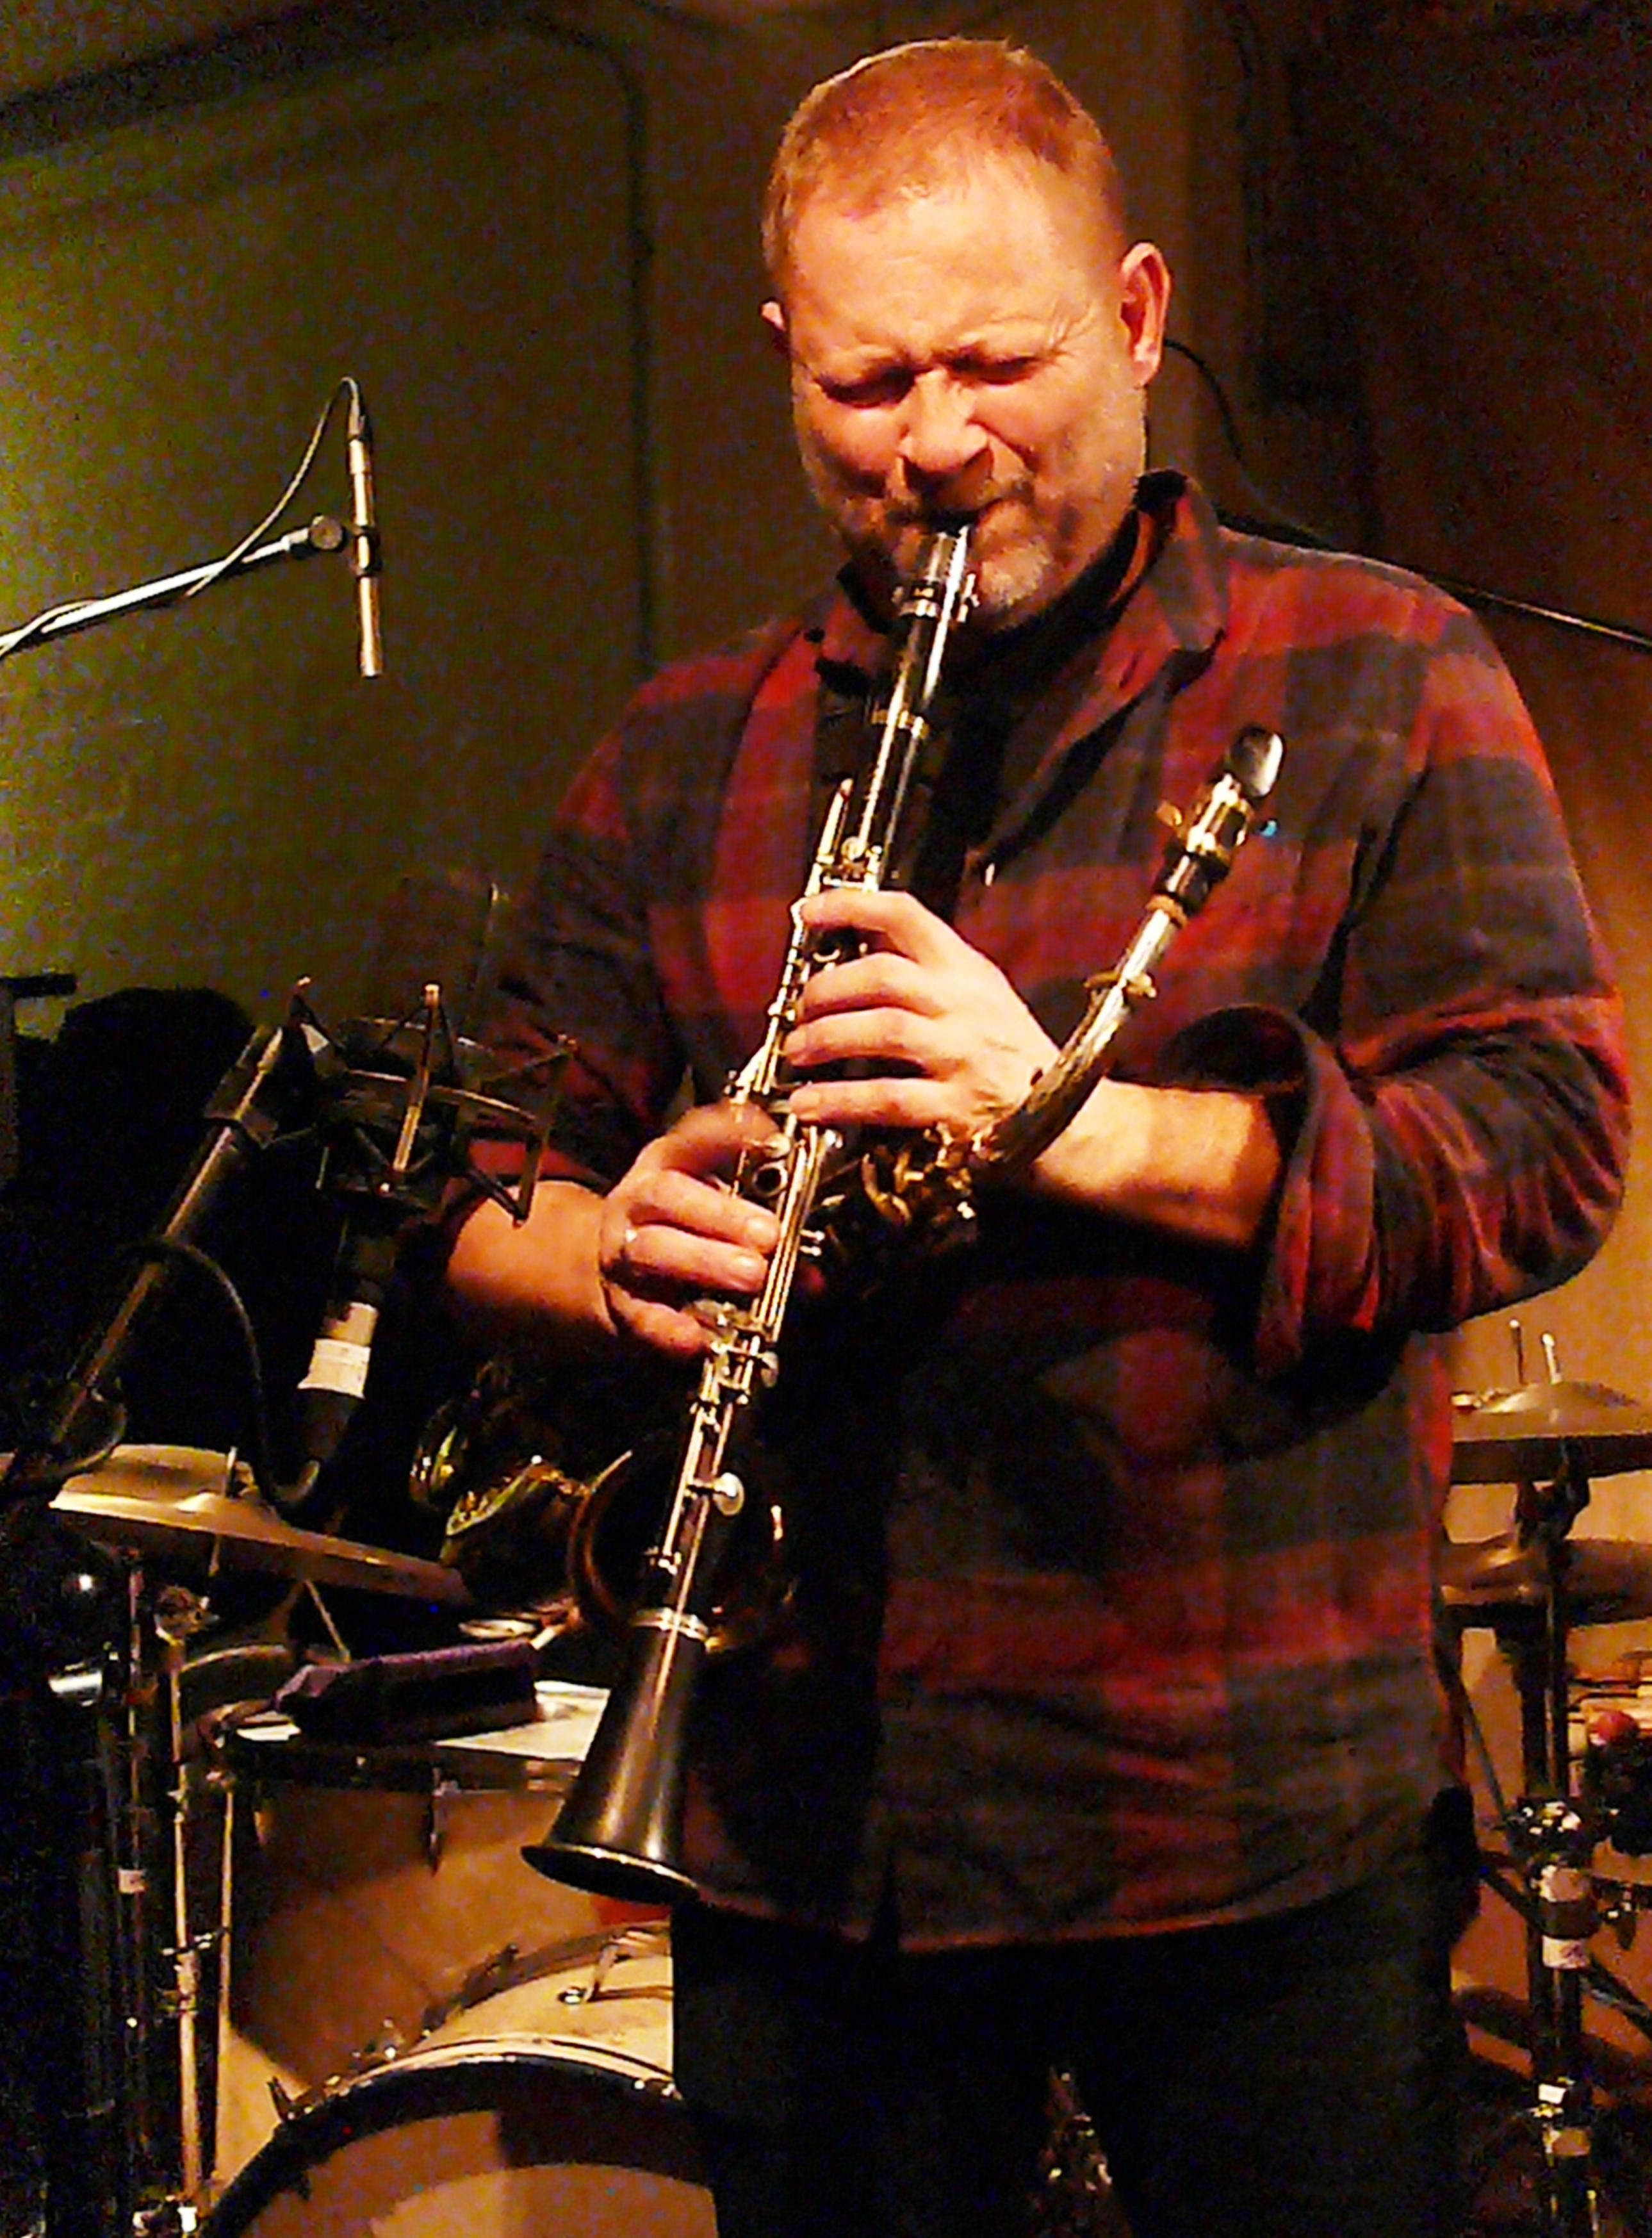 Mikolaj Trzaska at Cafe Oto, London in December 2016